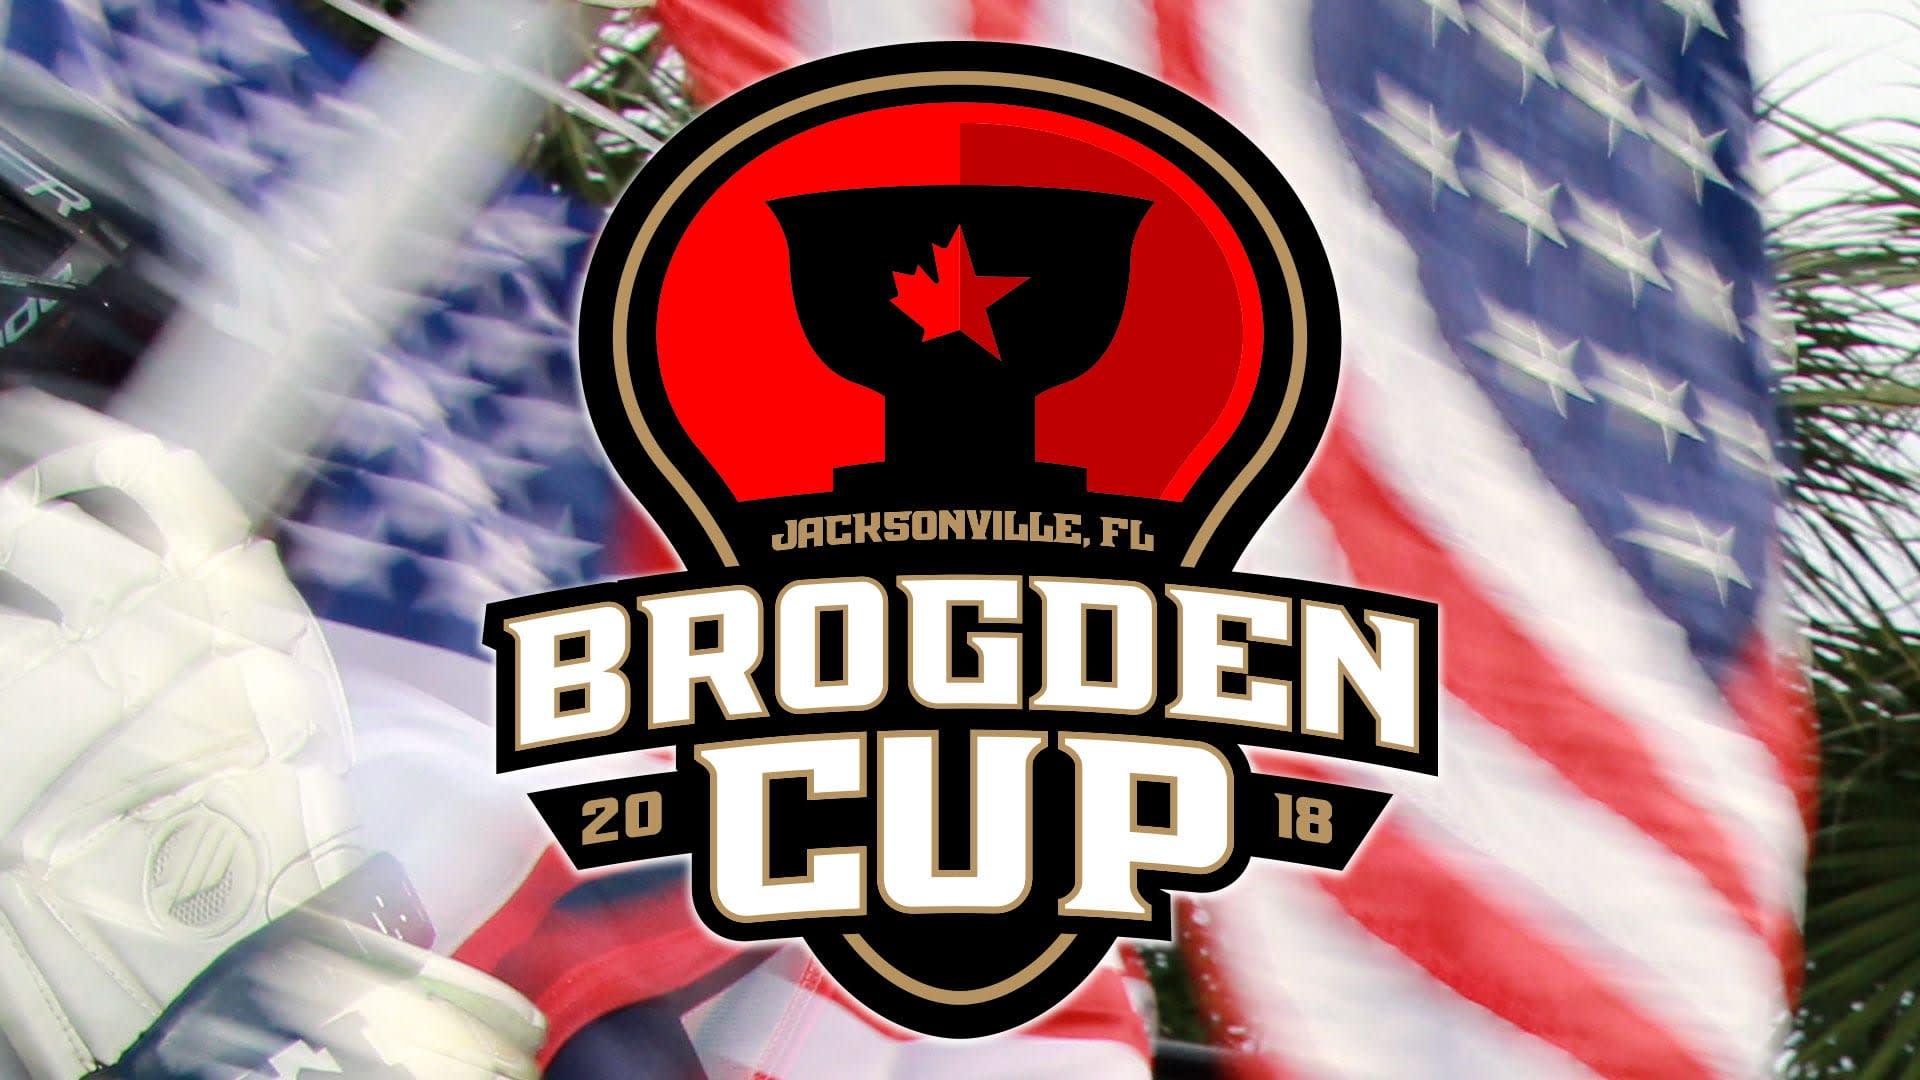 Brogden Cup